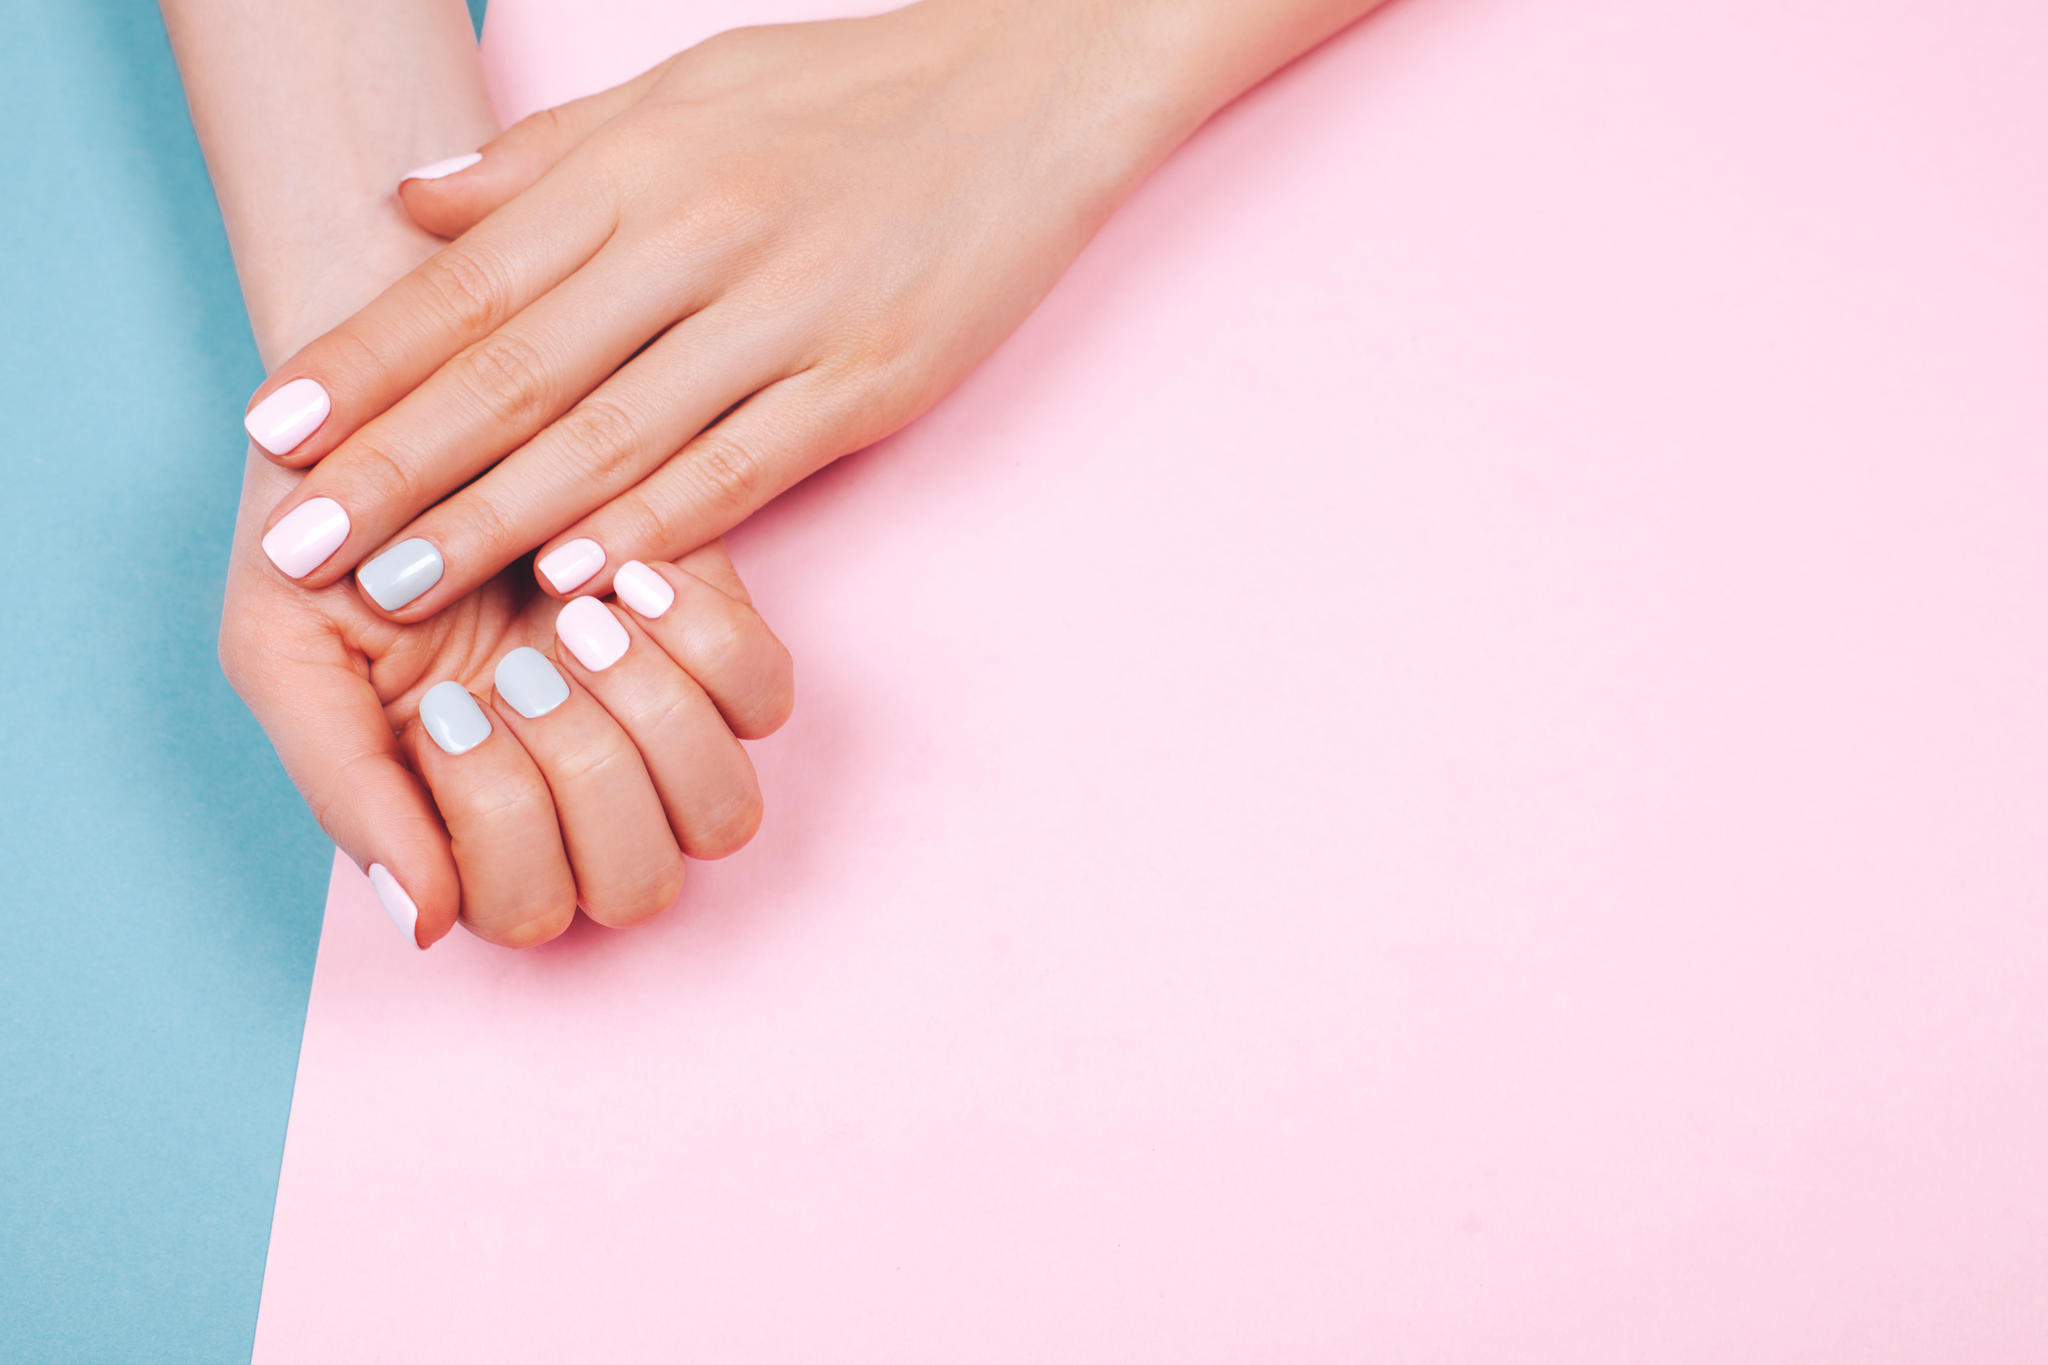 nagellack aufpimpen diese 10 mini ideen fr unsere ngel sind genial brigittede - Fingernagel Lackieren Muster